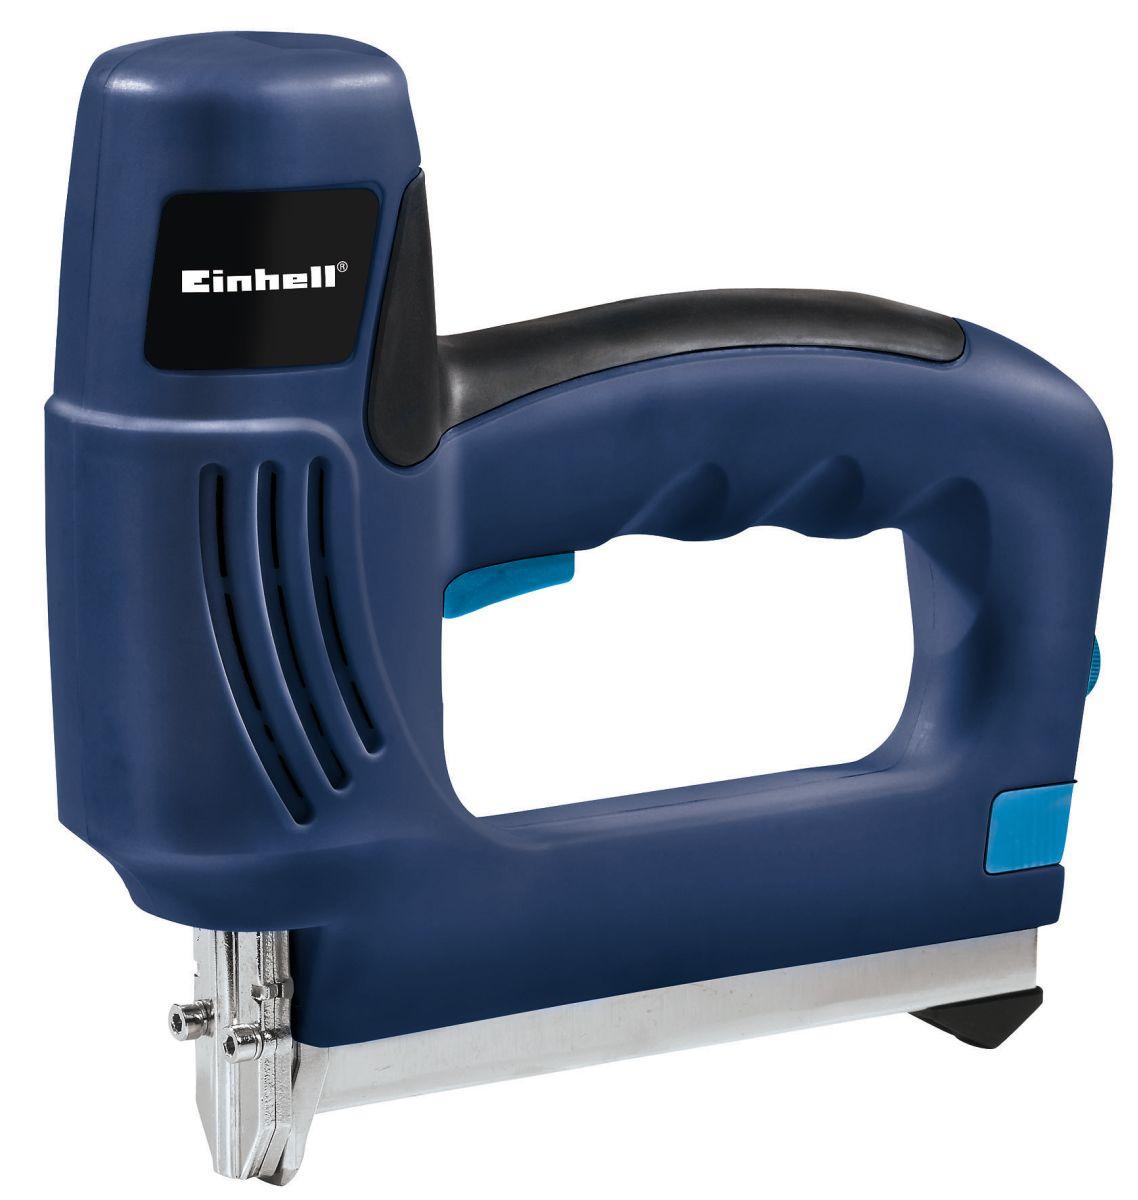 Einhell BT-EN 30 E elektrické sešívačky vč. 1000 závorky